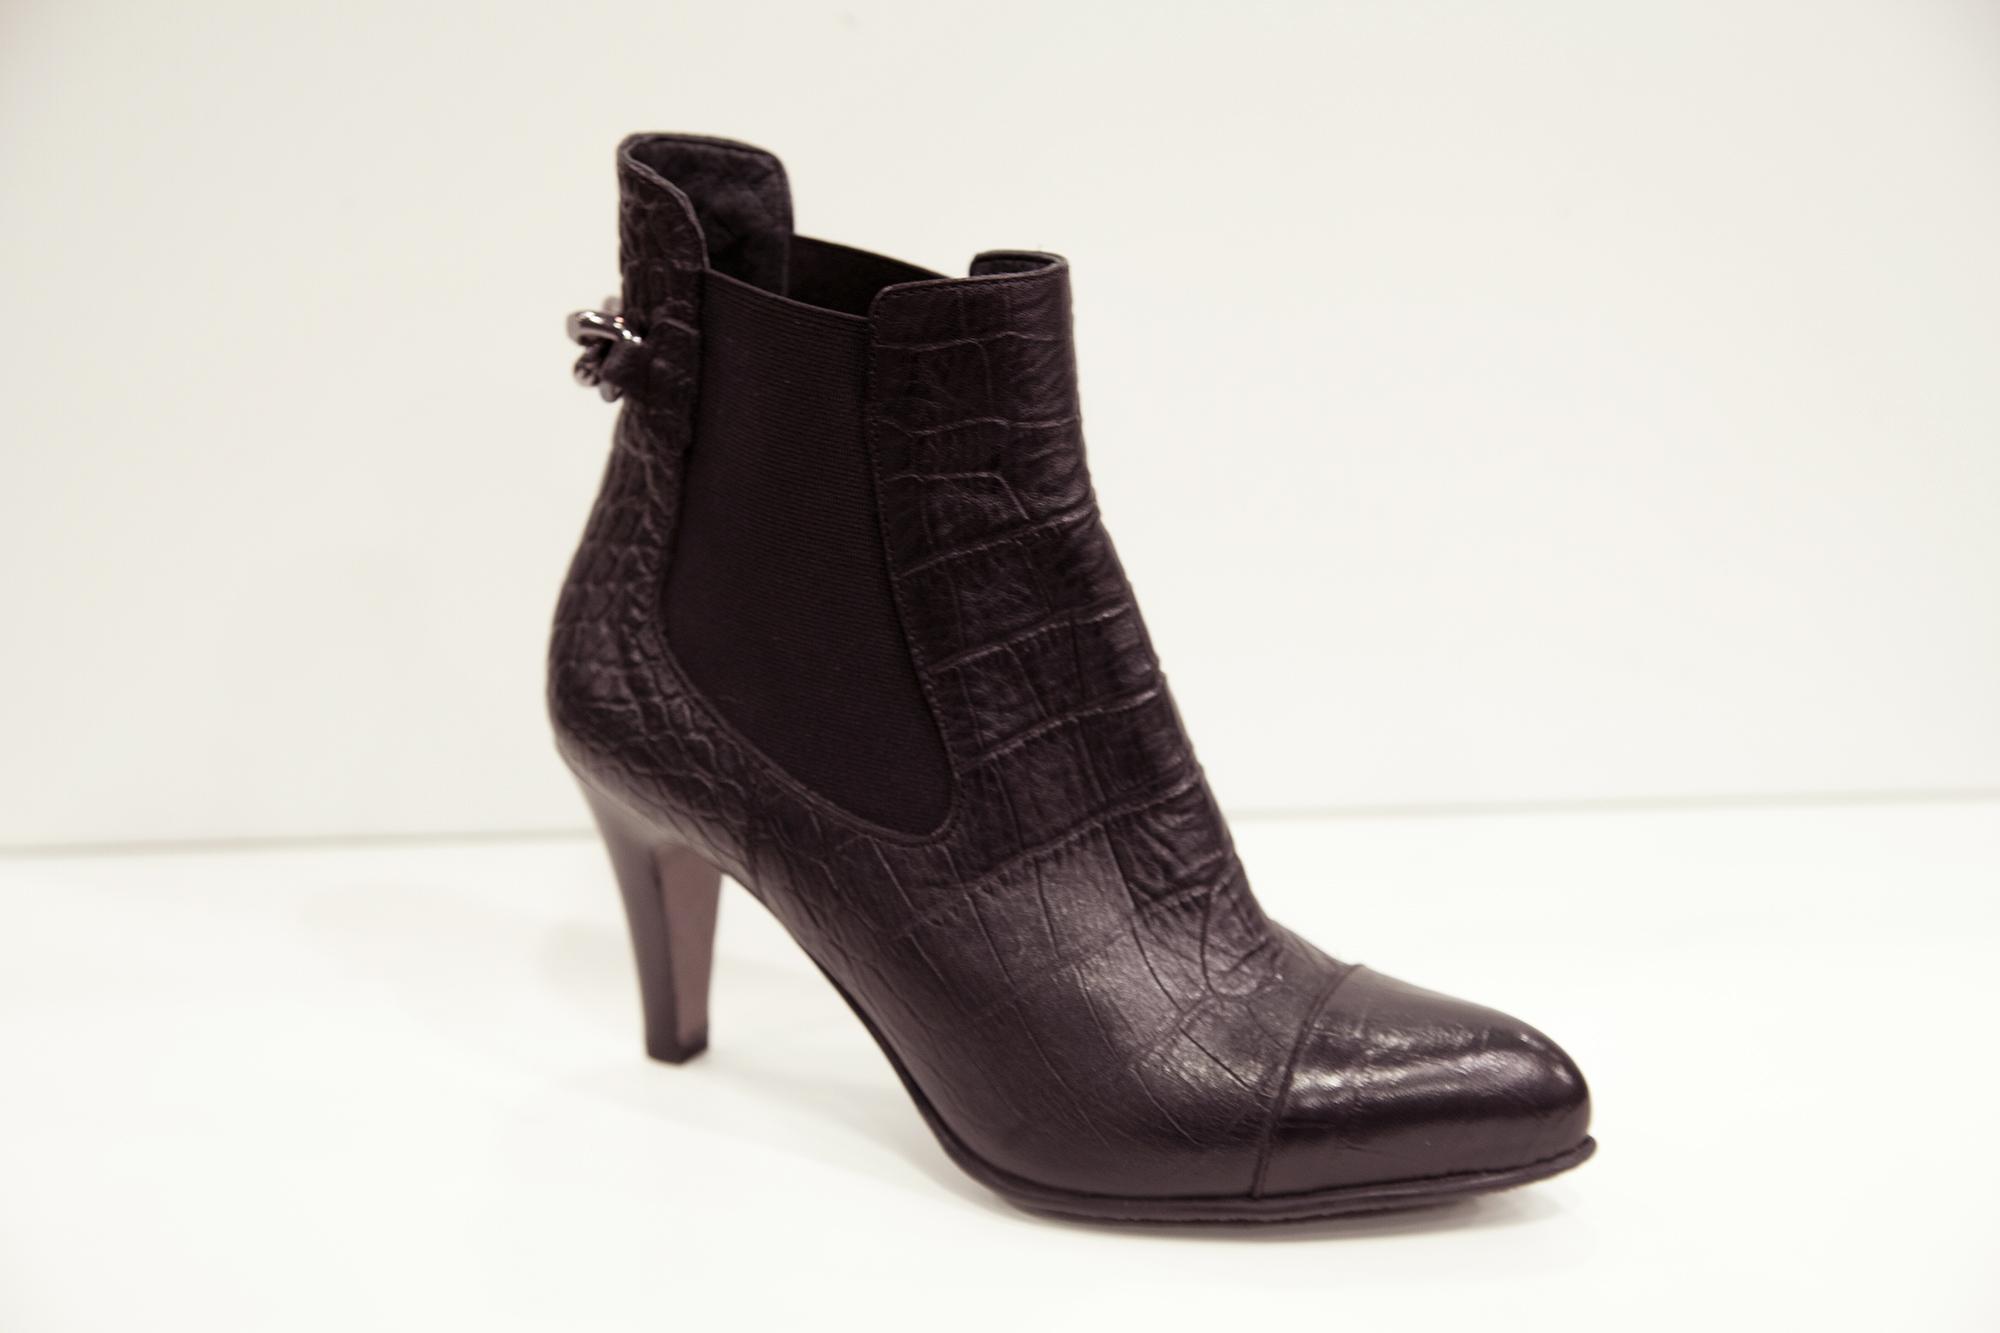 sko-og-vesker-til-nyttarsfesten-stovletter